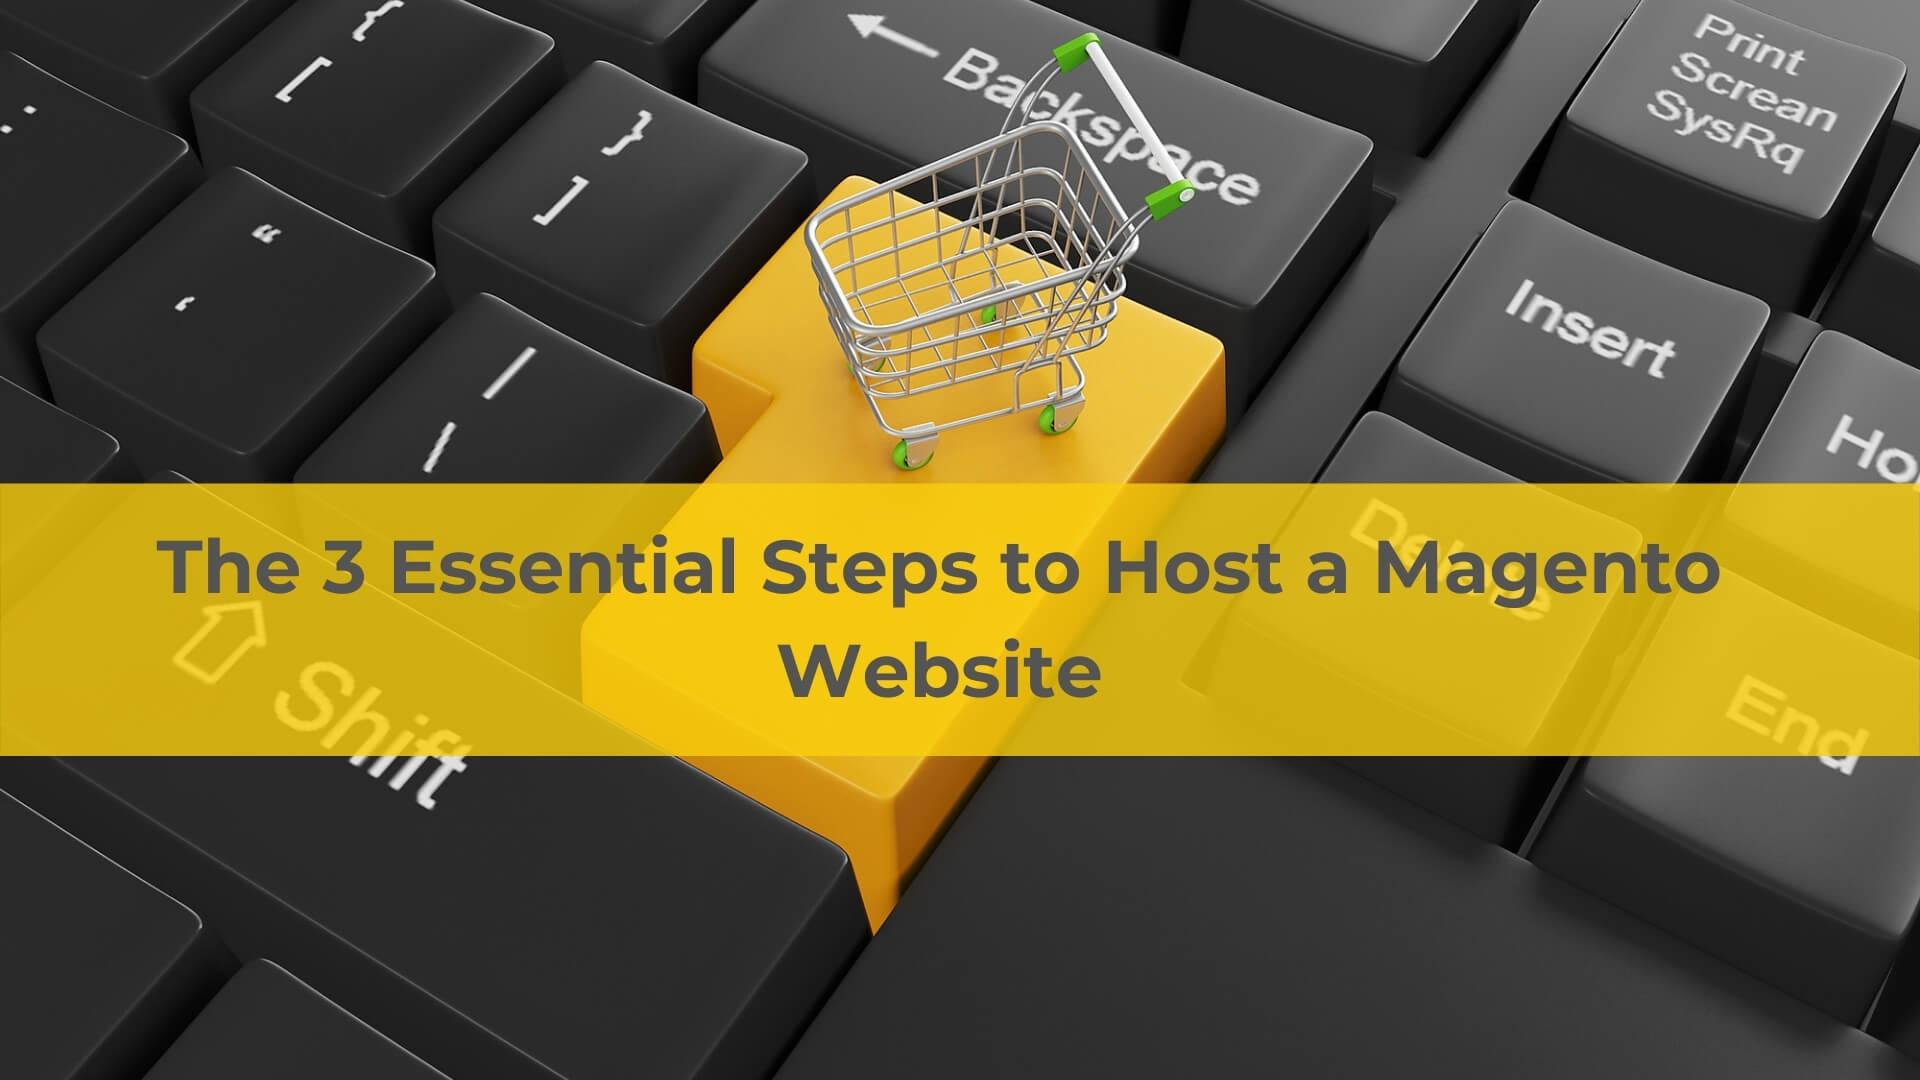 The-3-Essential-Steps-to-Host-a-Magento-Website-1